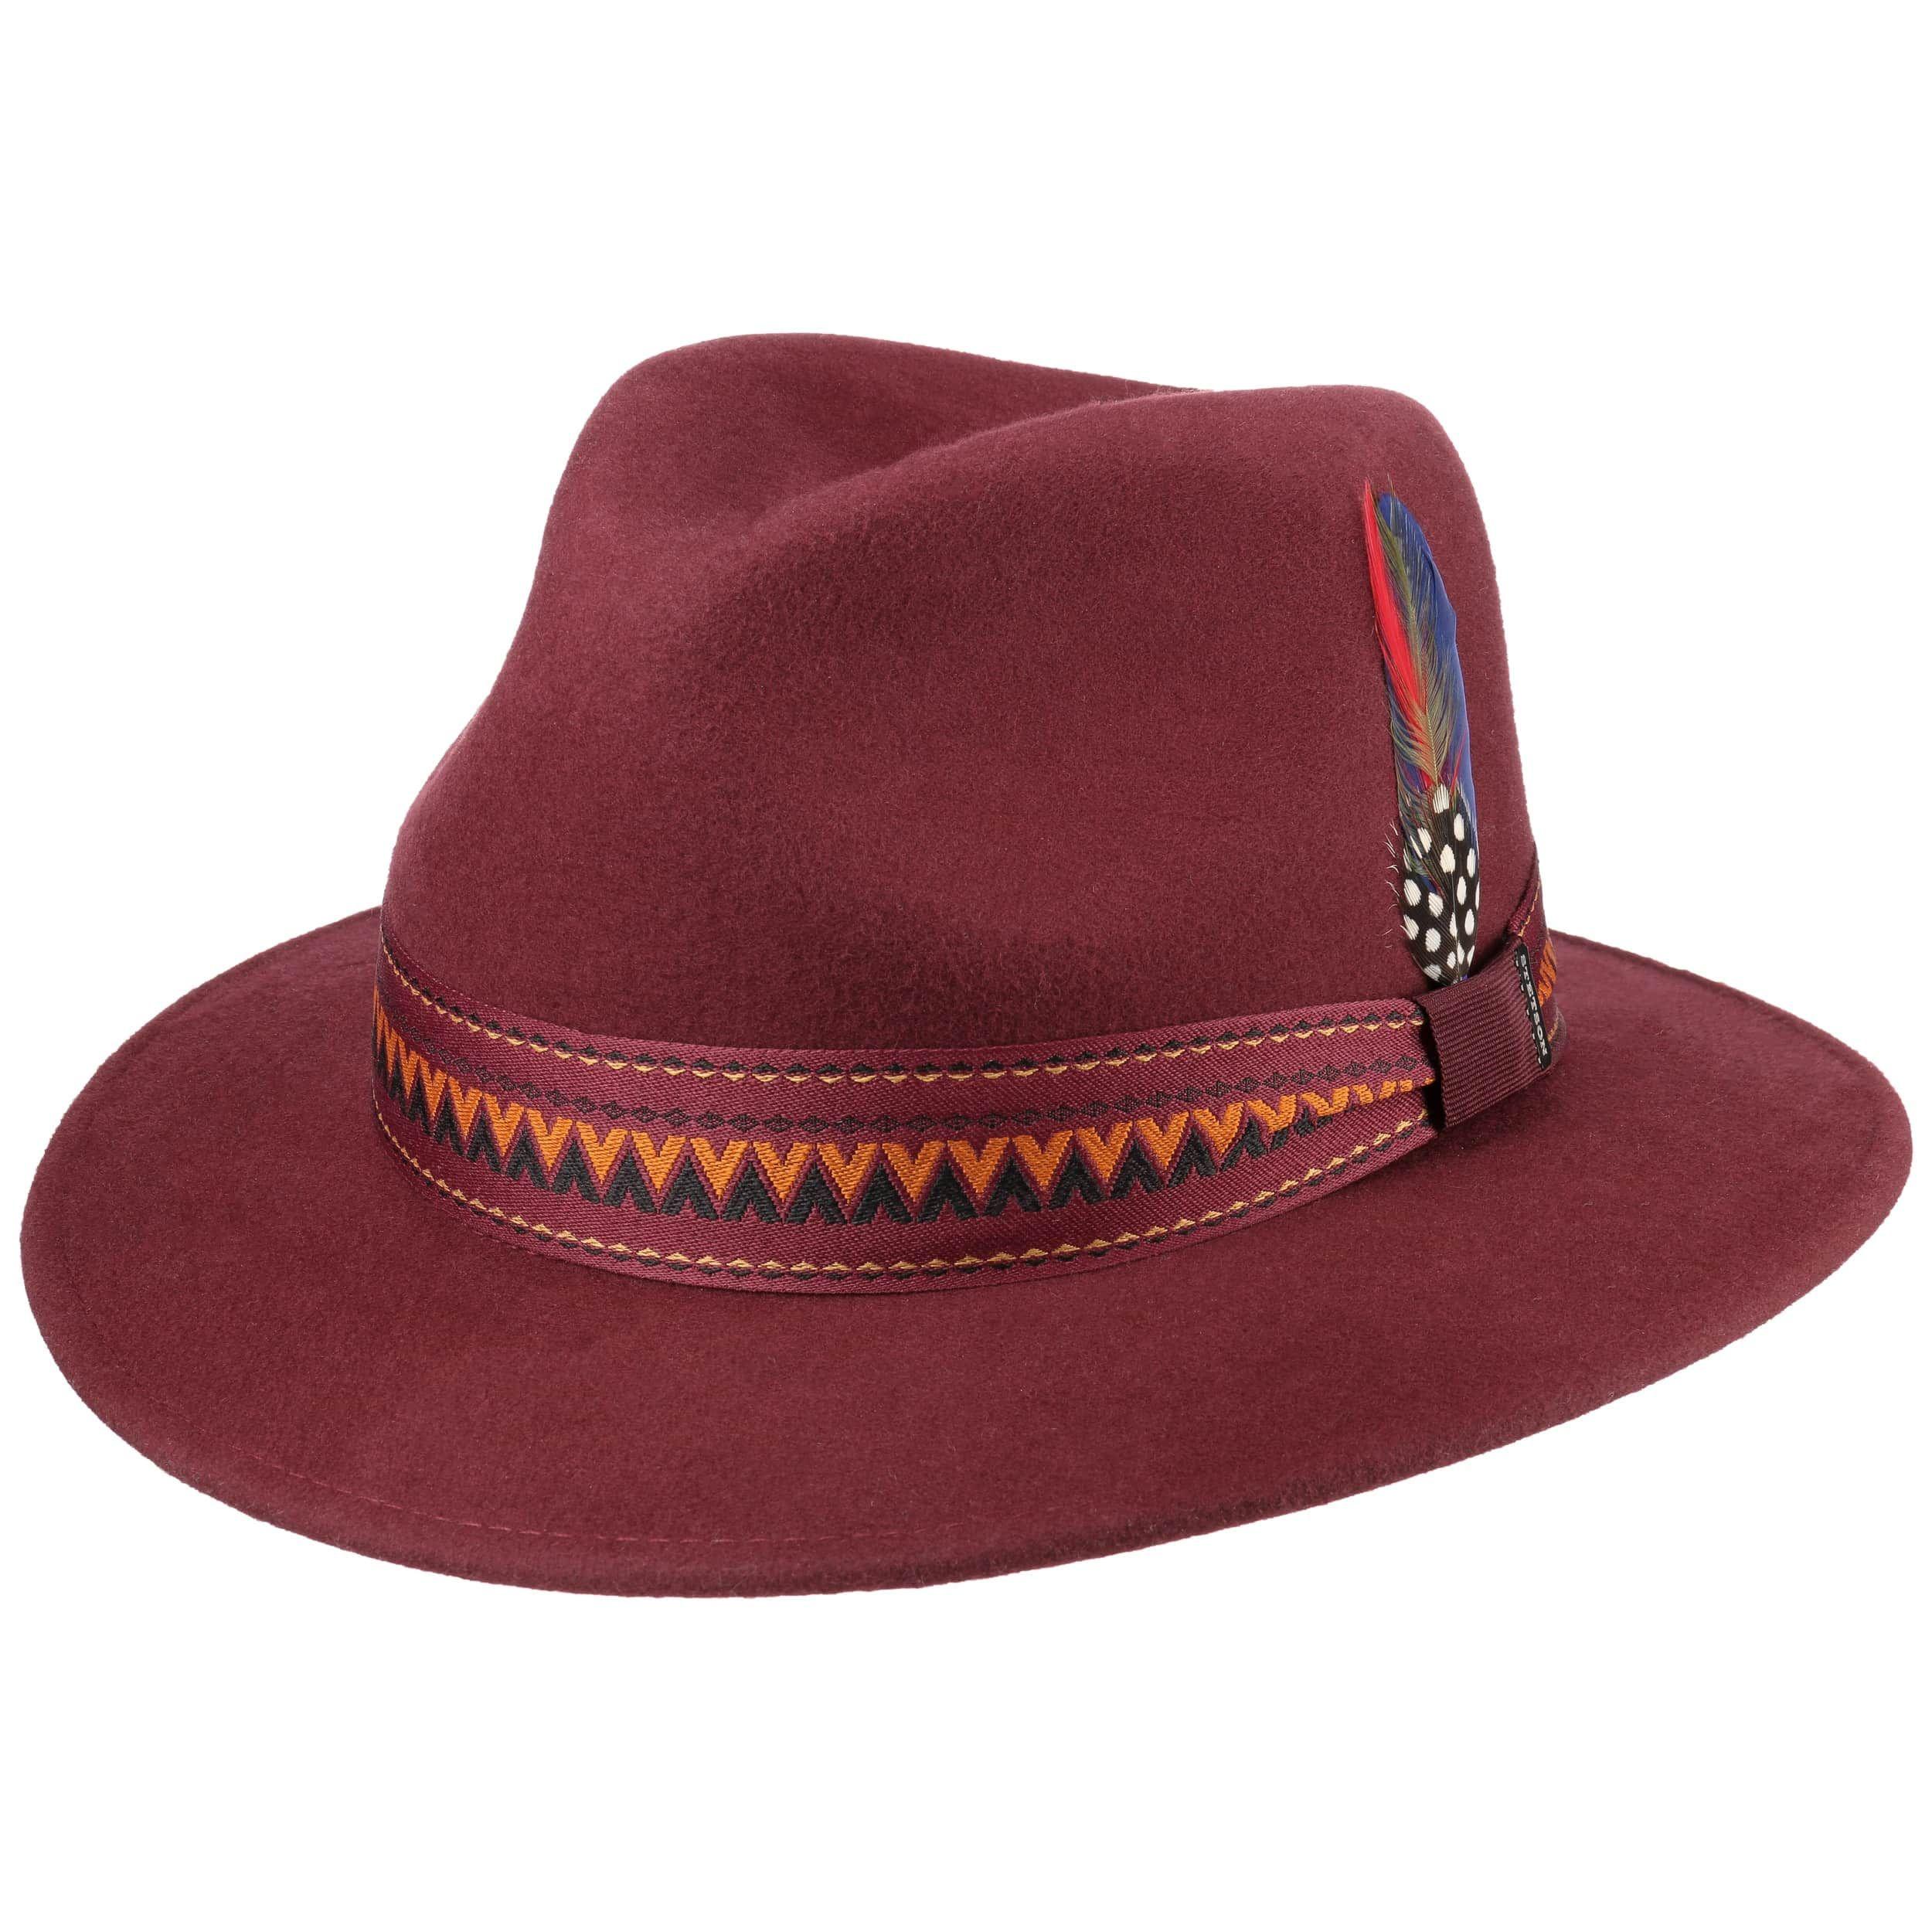 Elana Traveller Wool Hat bordeaux